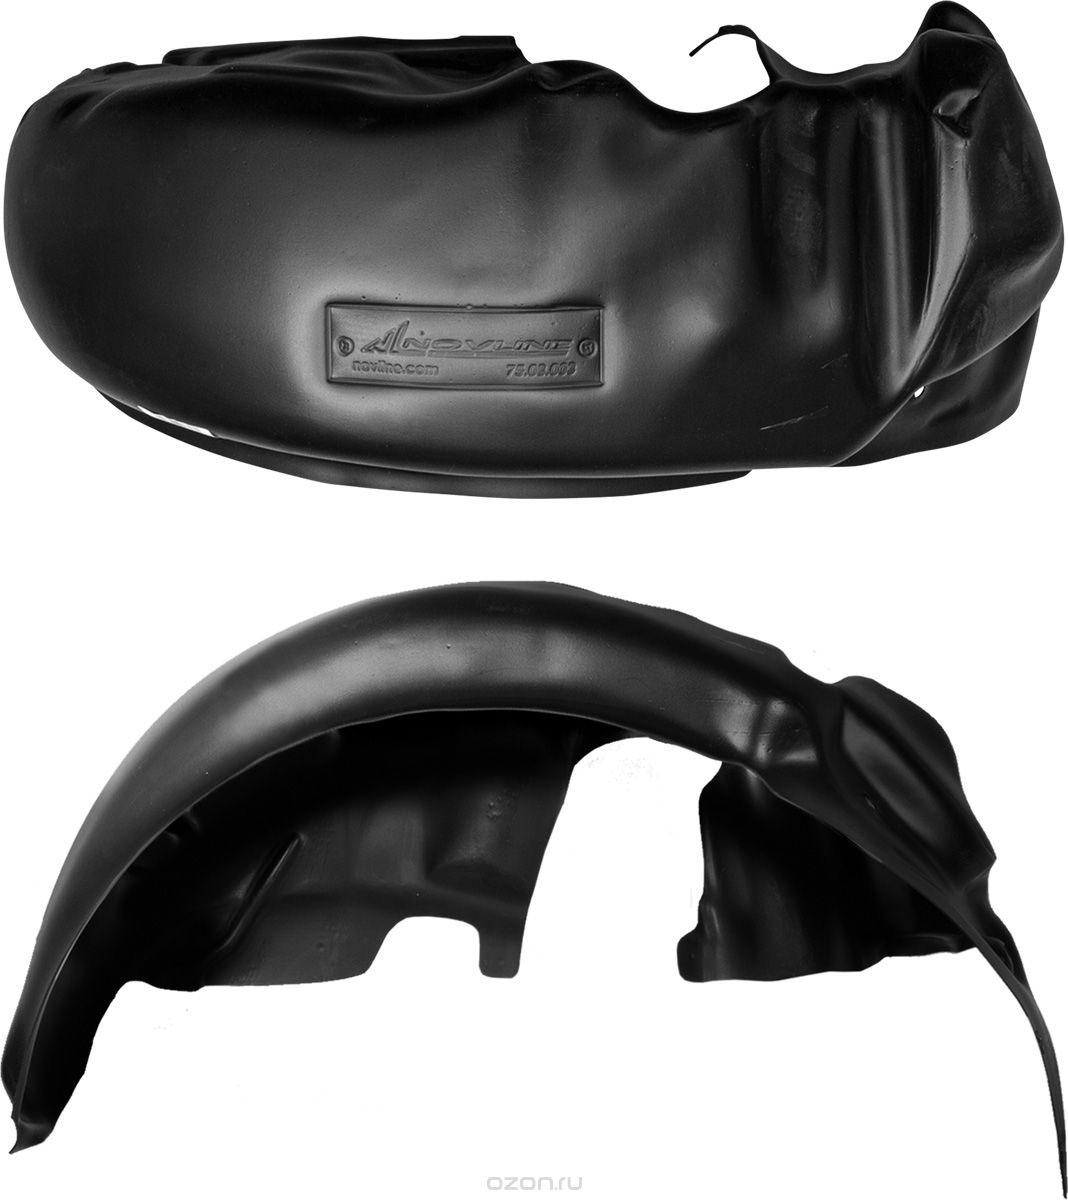 Подкрылок Novline-Autofamily, для Toyota Yaris, 01/2006-2013, передний левыйNLL.48.10.001Идеальная защита колесной ниши. Локеры разработаны с применением цифровых технологий, гарантируют максимальную повторяемость поверхности арки. Изделия устанавливаются без нарушения лакокрасочного покрытия автомобиля, каждый подкрылок комплектуется крепежом. Уважаемые клиенты, обращаем ваше внимание, что фотографии на подкрылки универсальные и не отражают реальную форму изделия. При этом само изделие идет точно под размер указанного автомобиля.